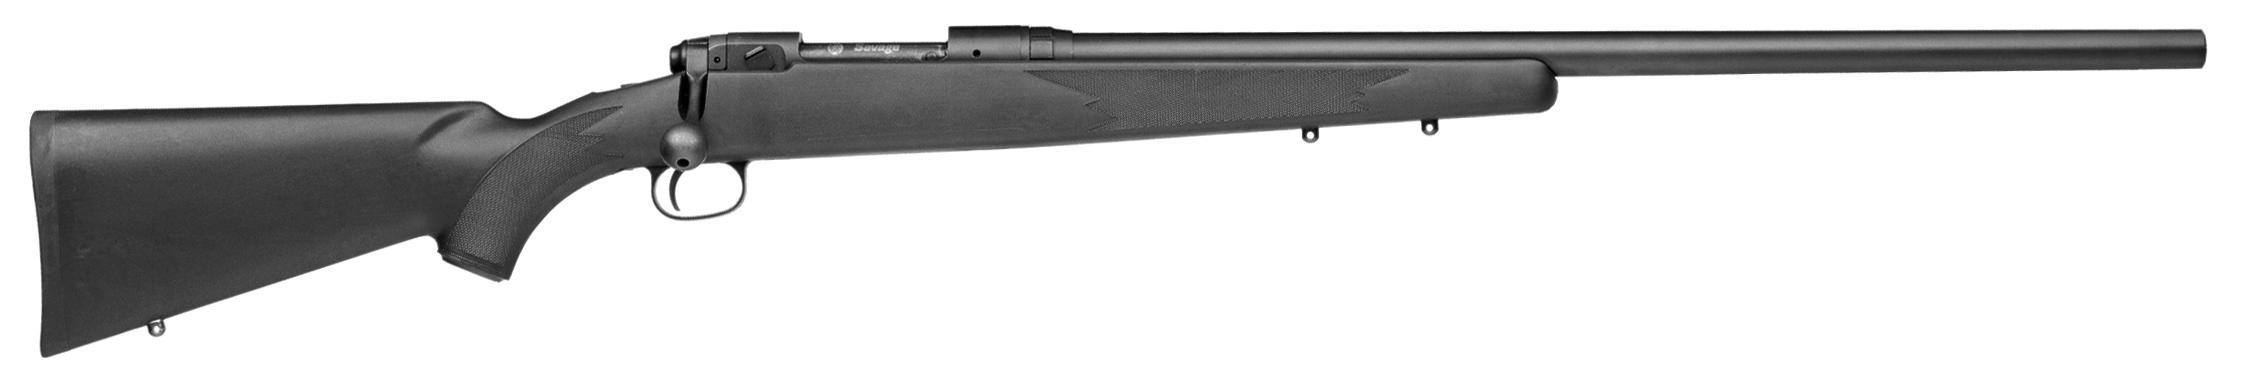 Model 110-FP-LE2